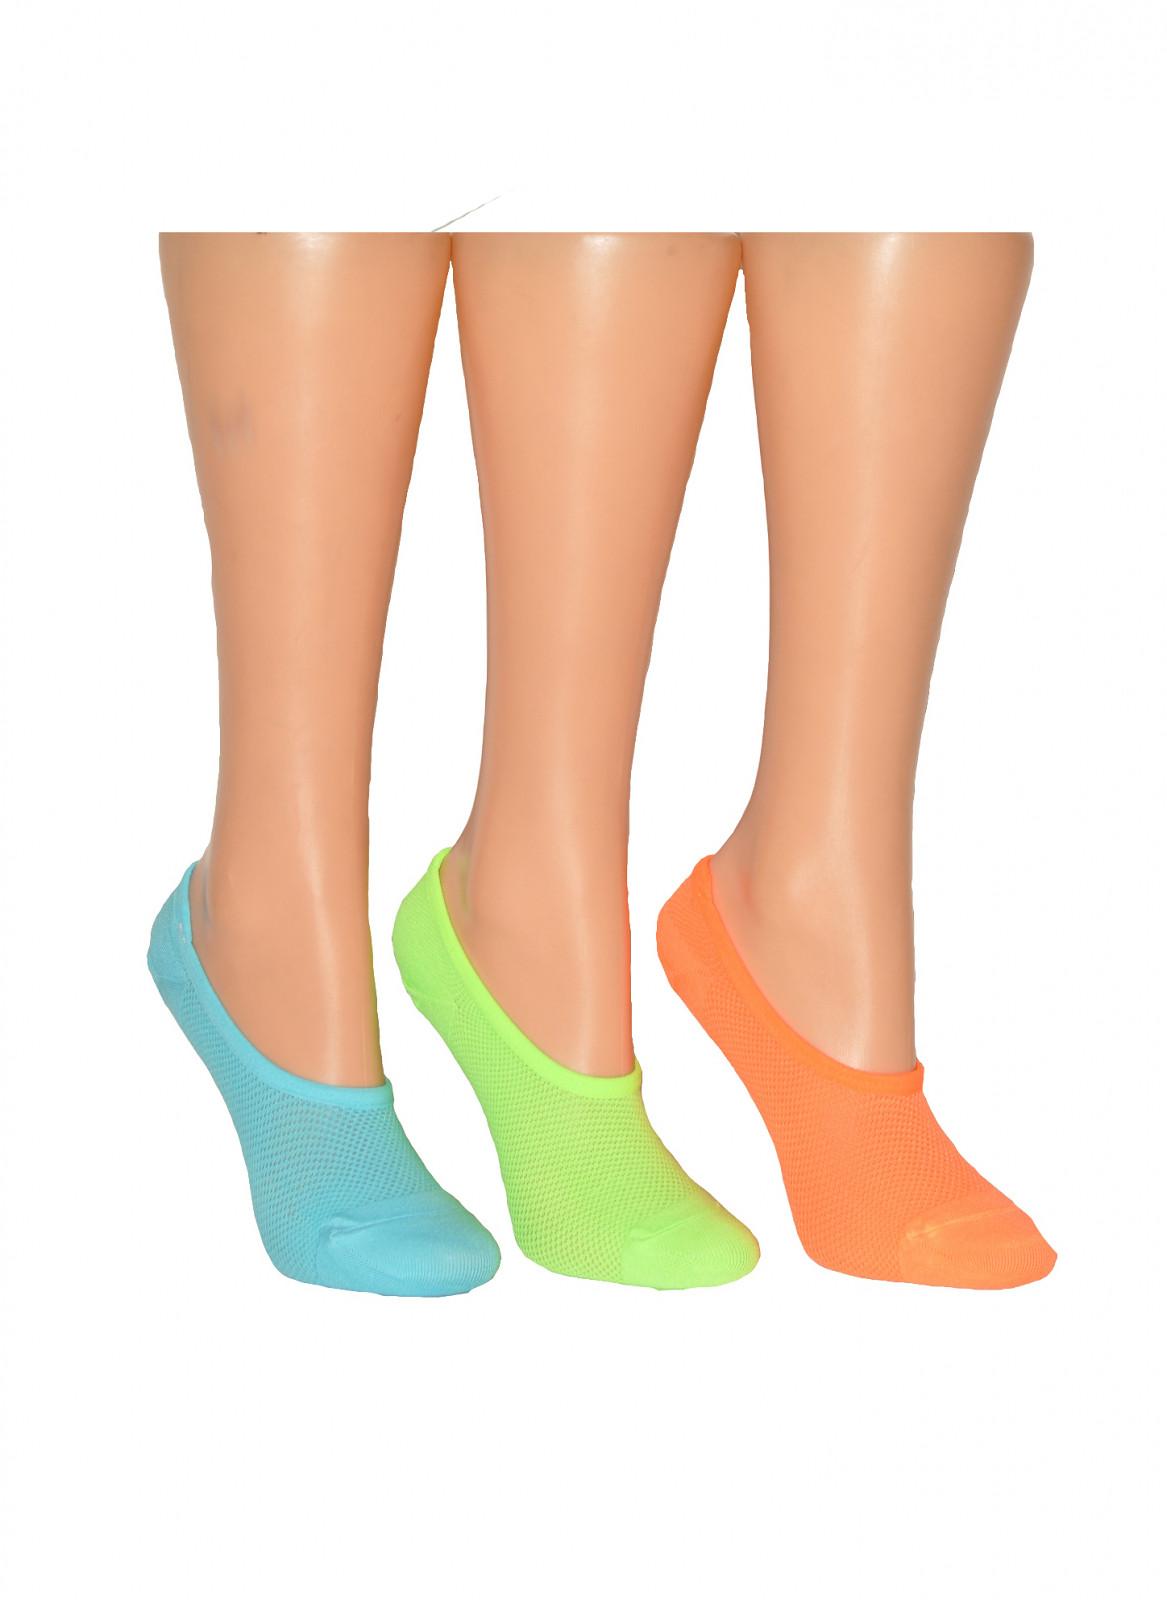 da74e310e42 Dámské nízké ponožky Rebeka 10791 bambusové bílá univerzální